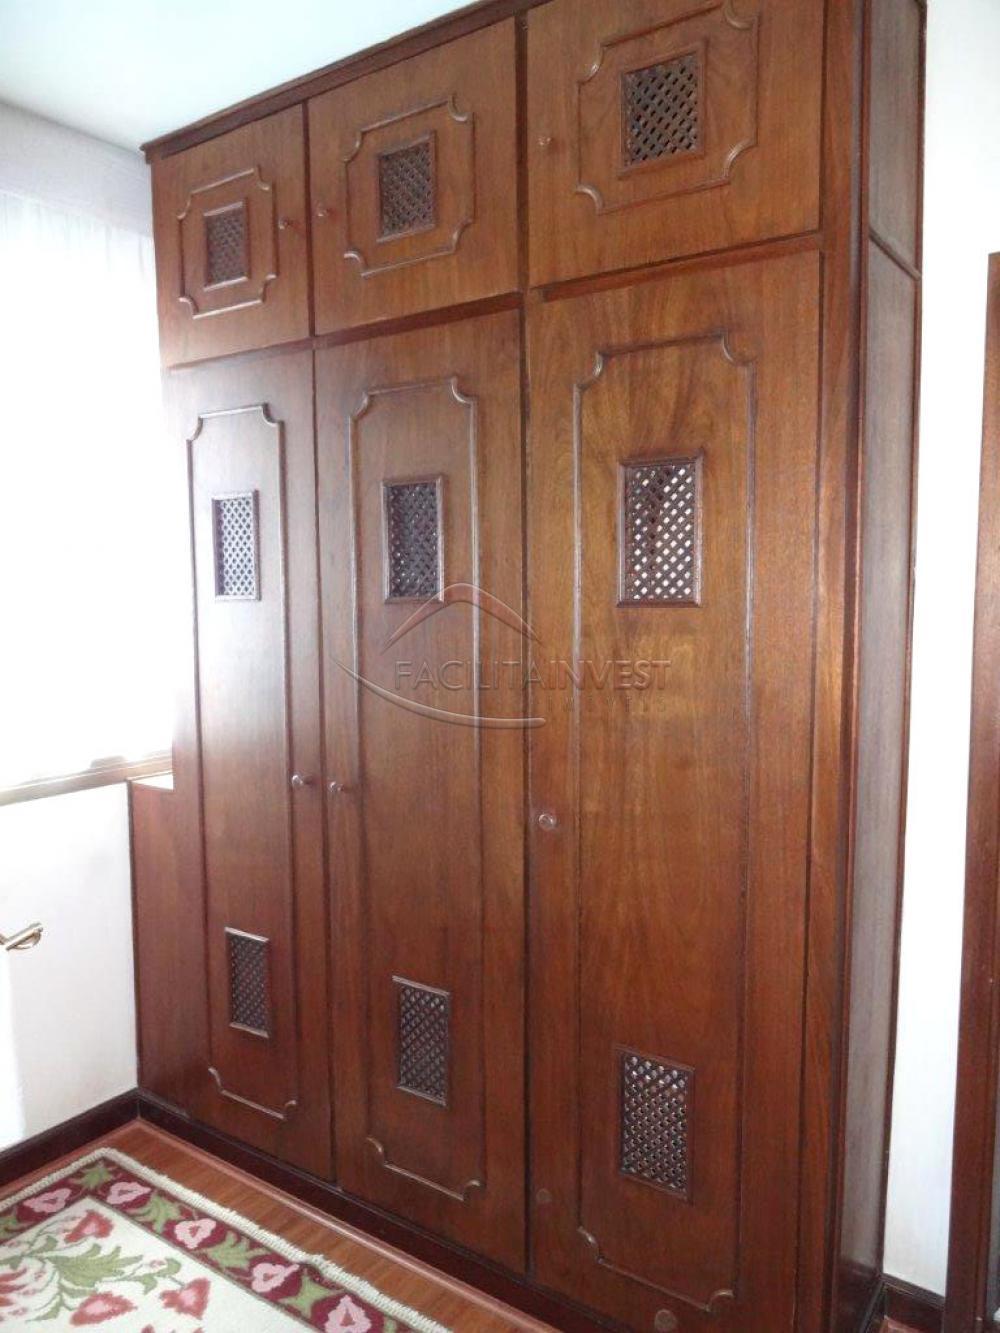 Comprar Apartamentos / Apart. Padrão em Ribeirão Preto apenas R$ 840.000,00 - Foto 13